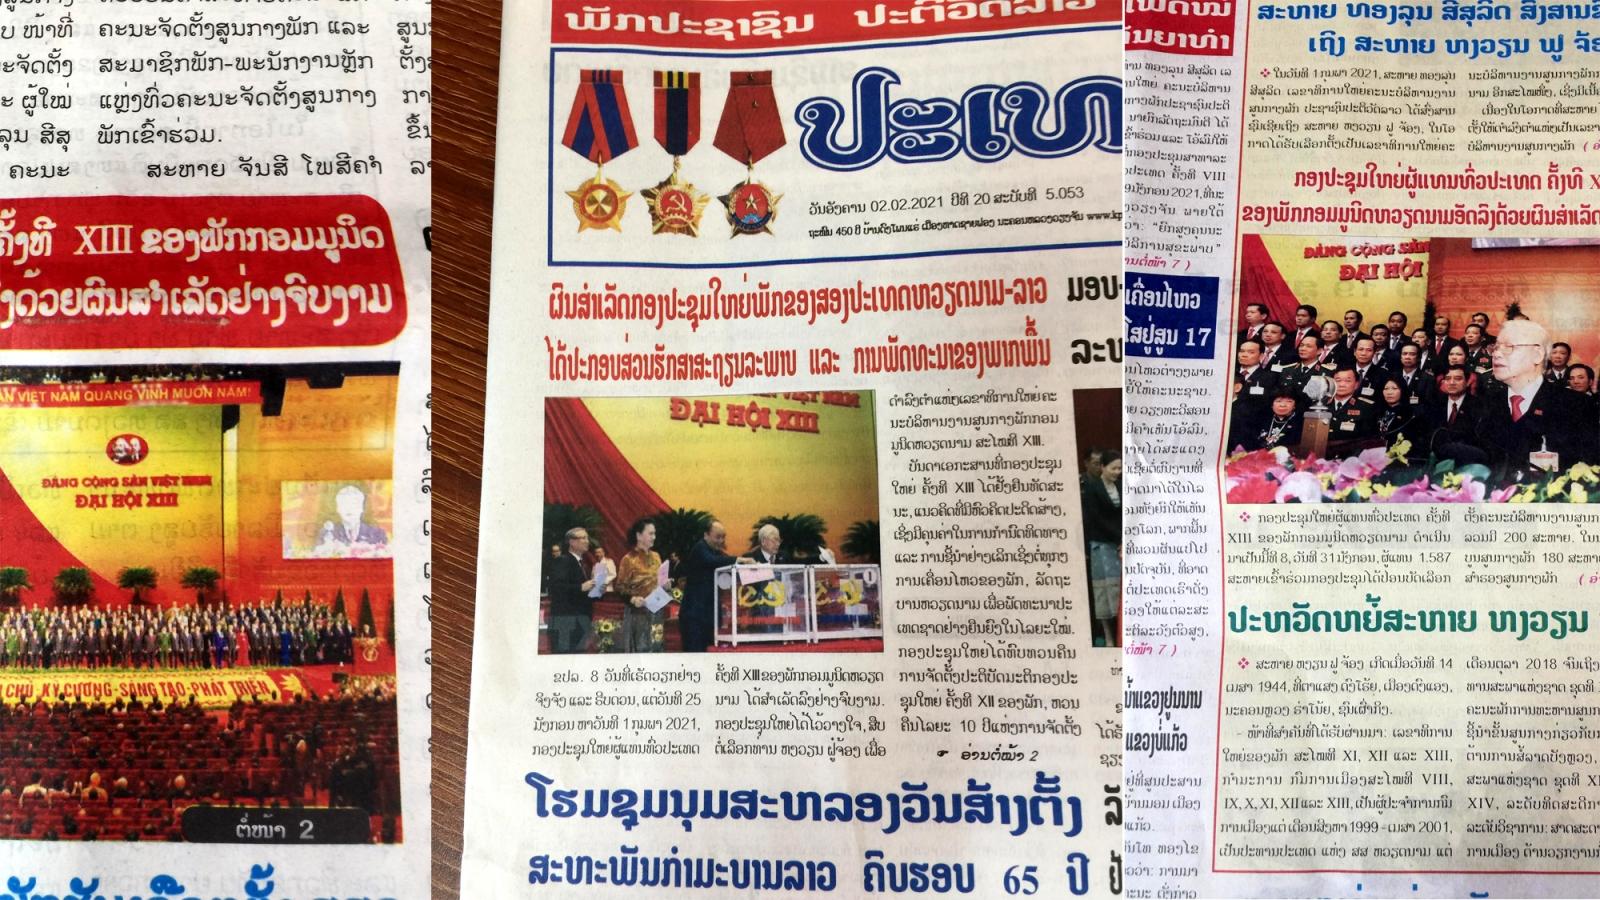 Truyền thông Lào:Đại hội XIII góp phần quan trọng vào ổn định, phát triển khu vực